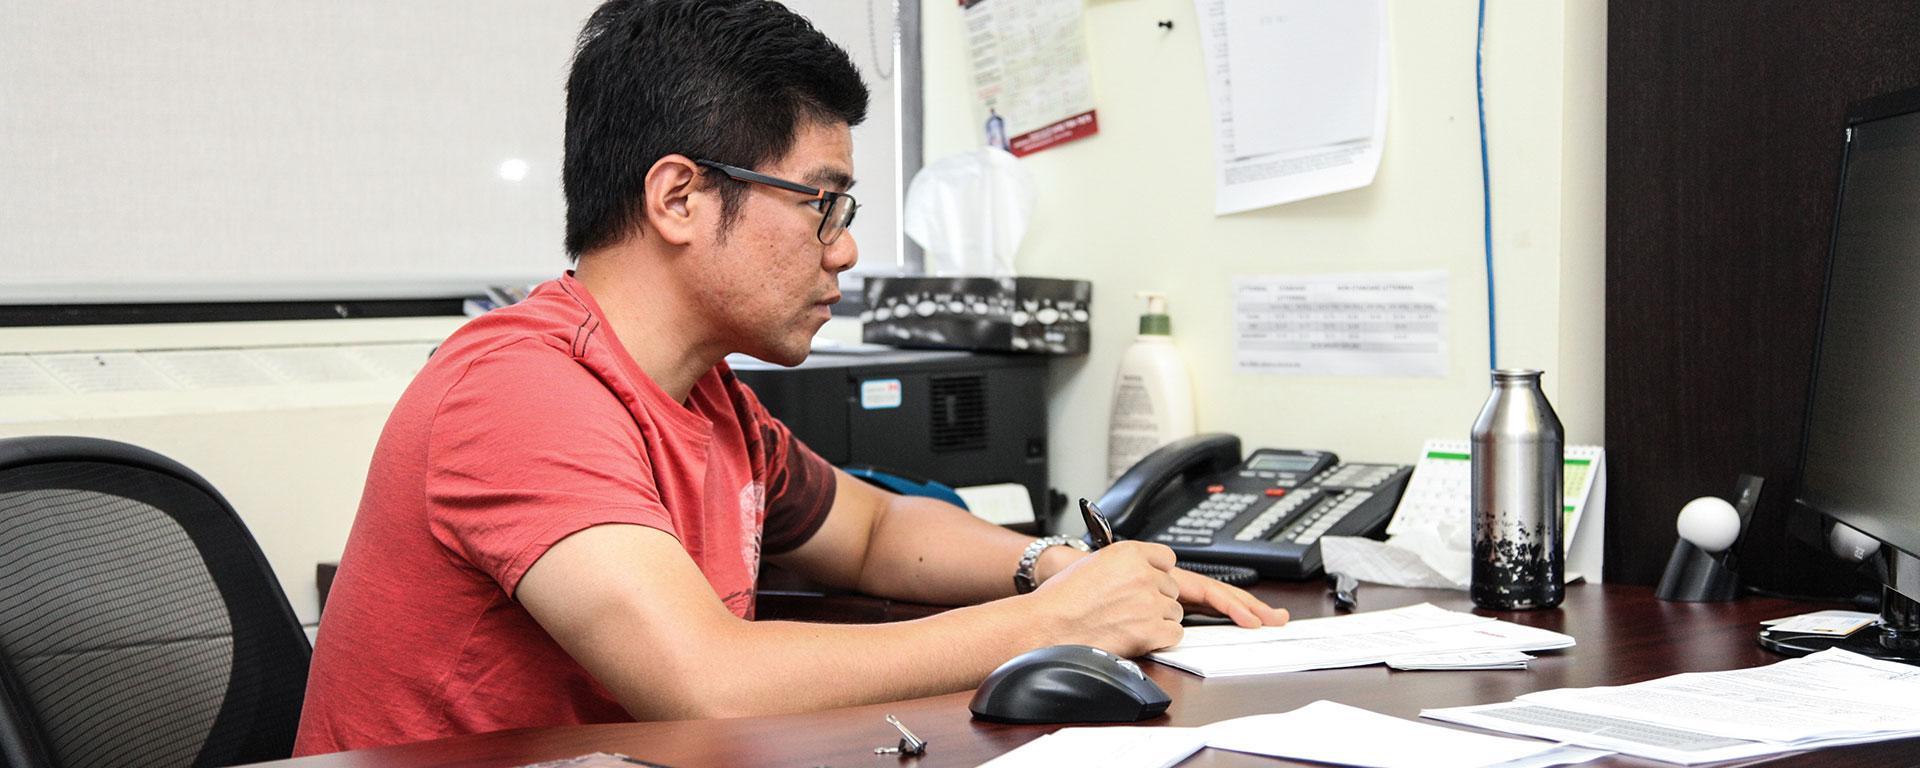 Cats Media Toronto office - Partner Tim Yu